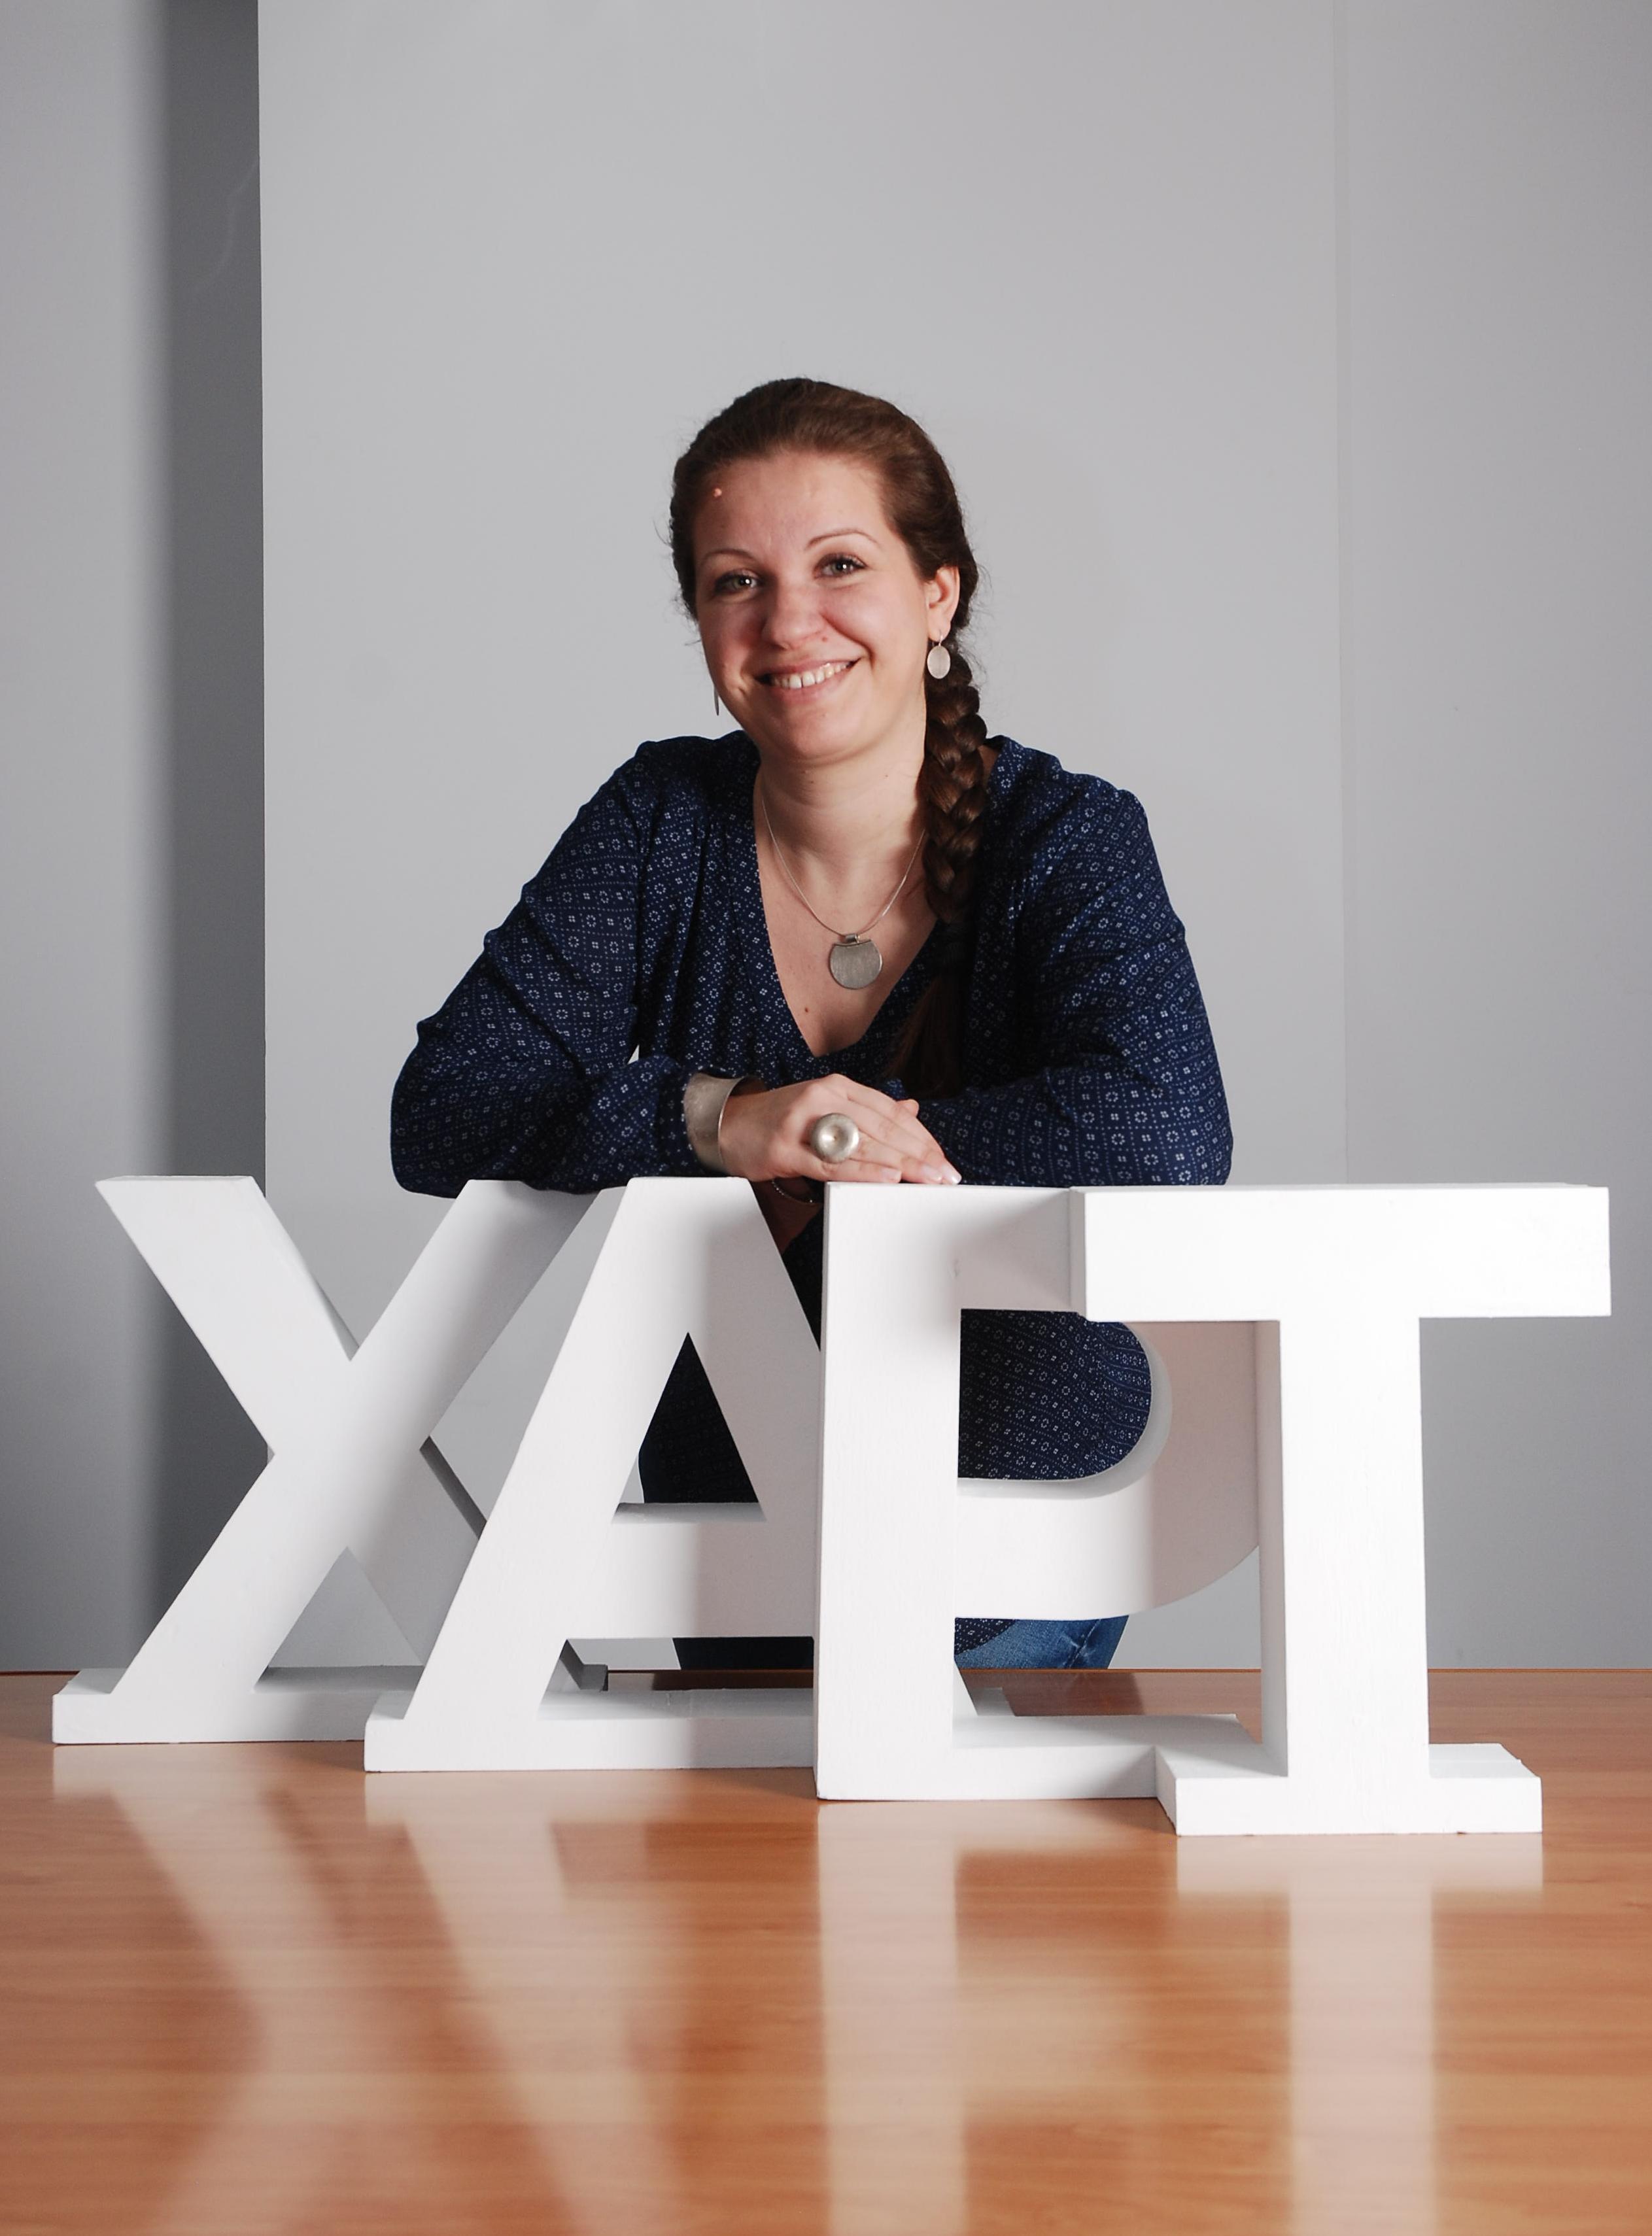 Anca Lăzărescu, XAPT Solutions: Microsoft Dynamics NAV 2016 aduce multe noutăţi menite să consolideze caracterul robust şi flexibil al soluţiei.